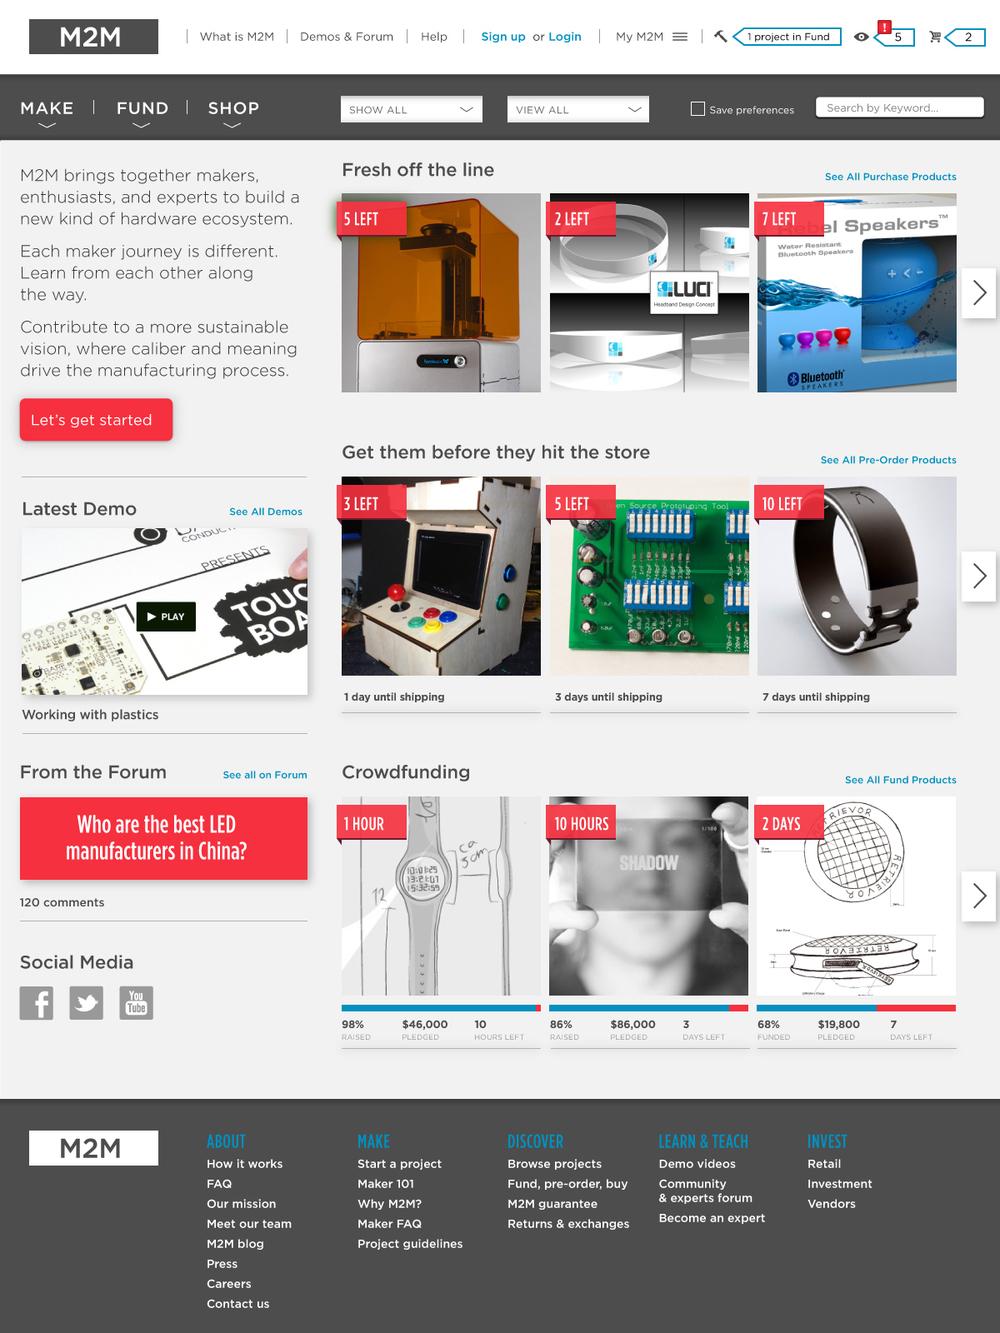 M2M_Mocks_homepage_131101.jpg